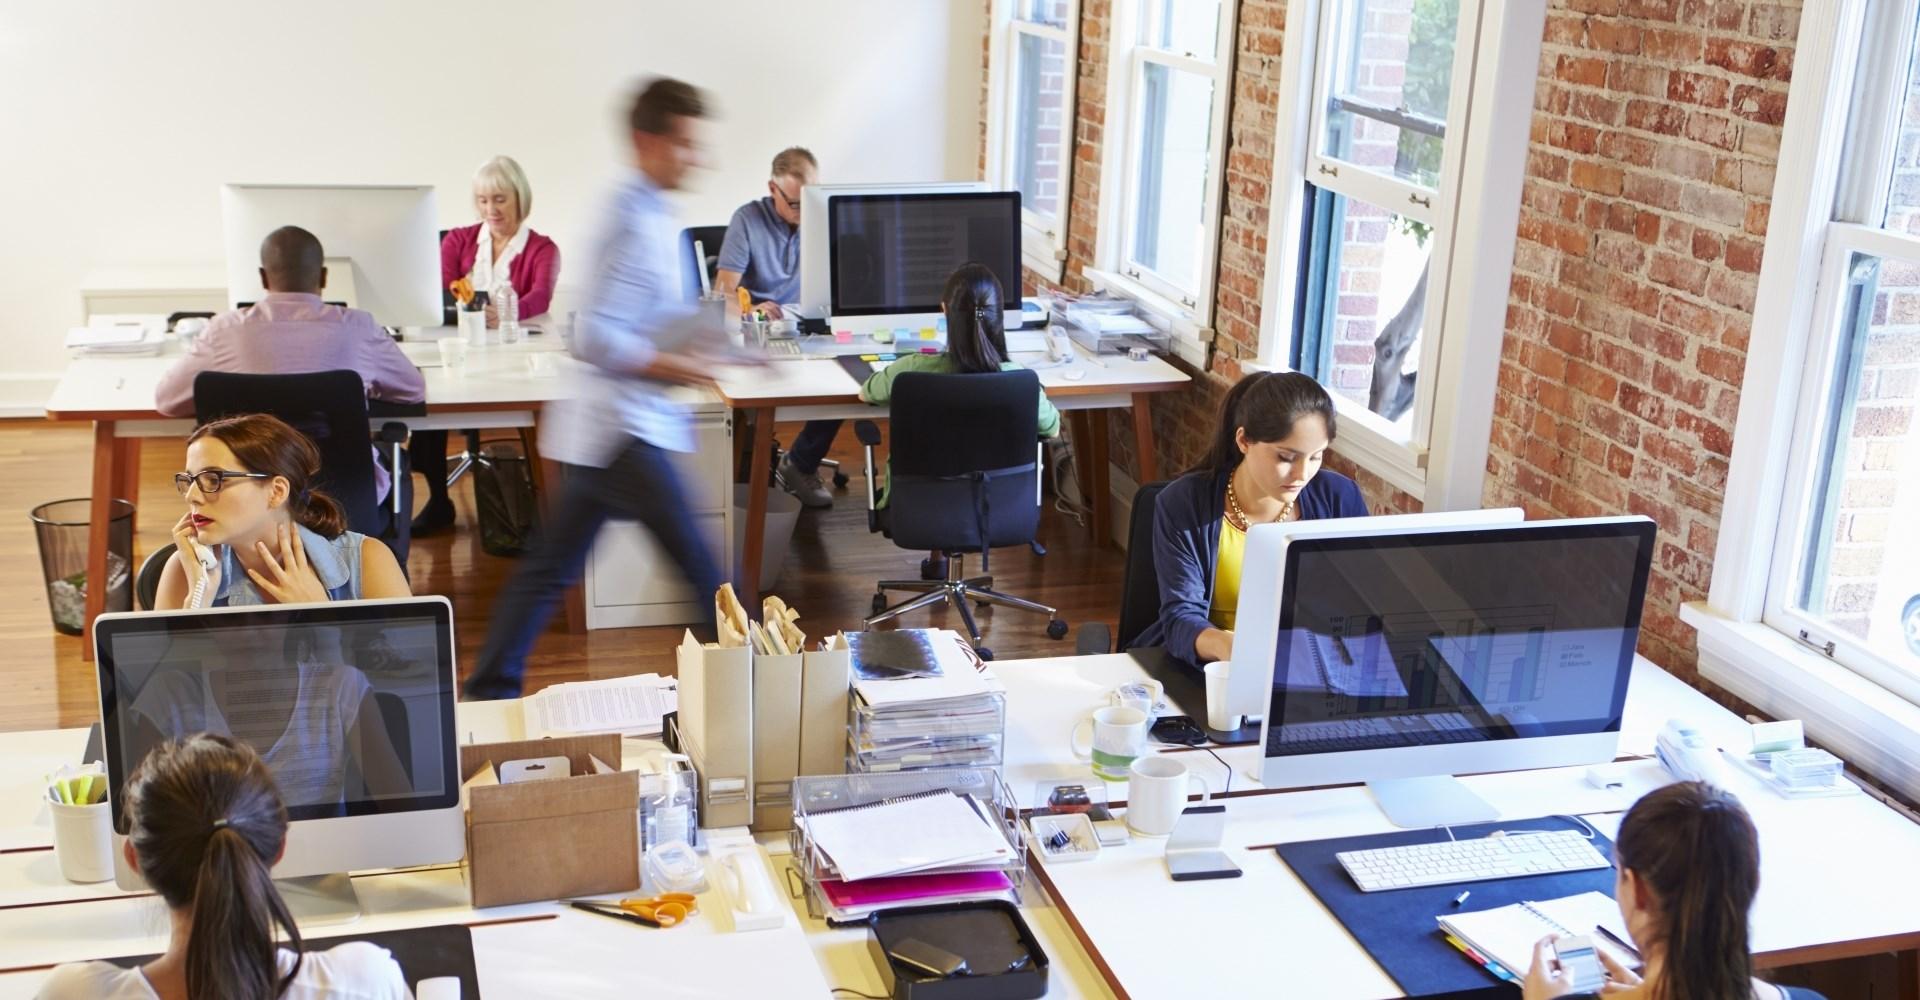 Scopri il mondo office